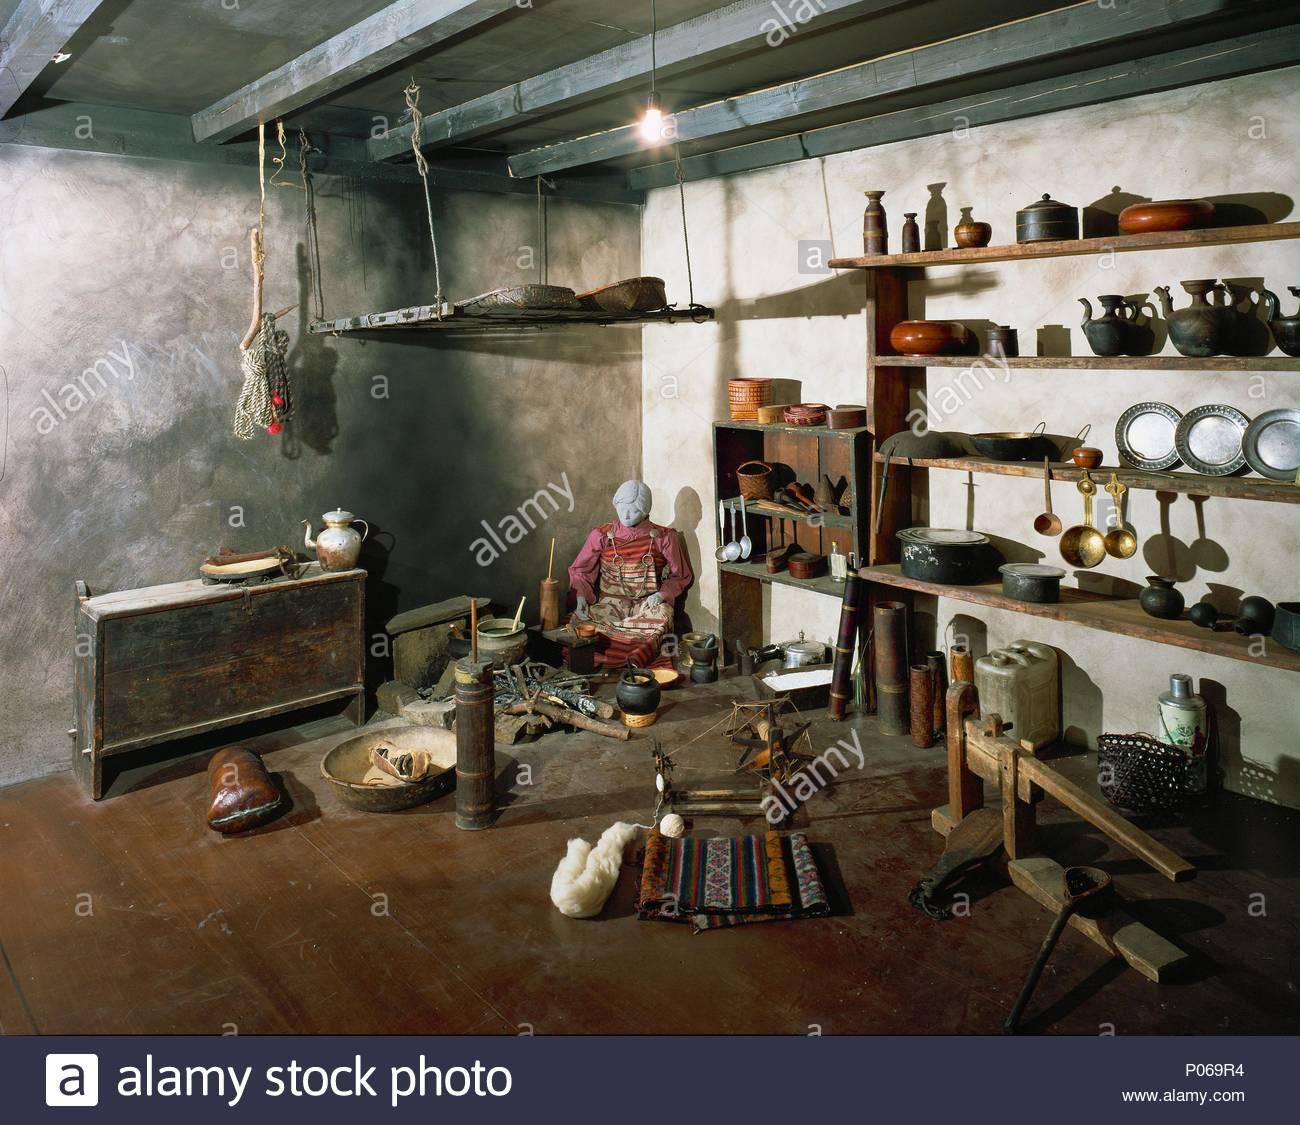 Wohnzimmer Kuche Eines Typischen Bhutan Bauernhaus Ohne